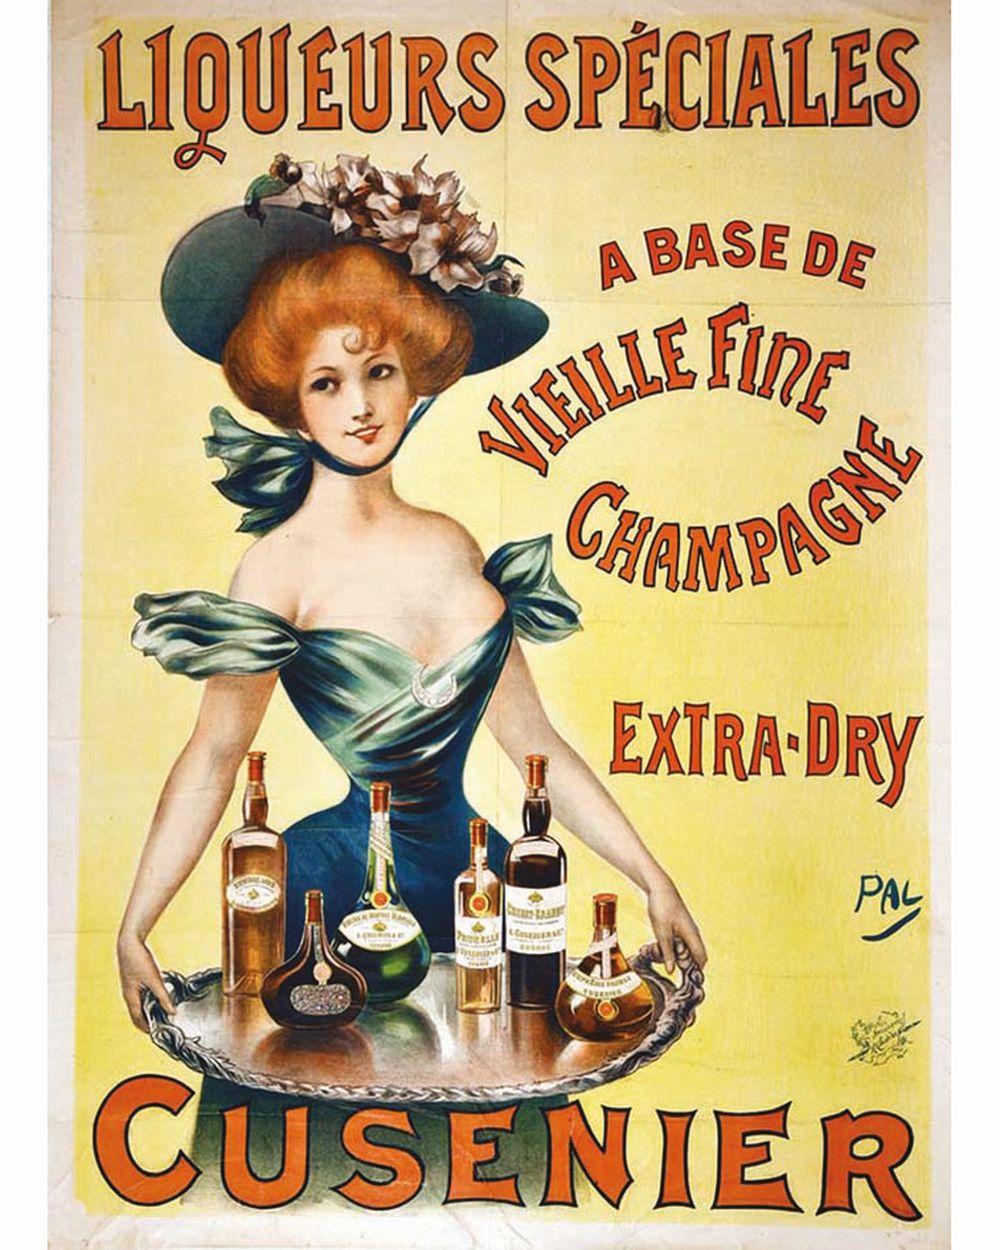 PAL - Cusenier - Liqueurs Spéciales     vers 1900  Ornans - Doubs